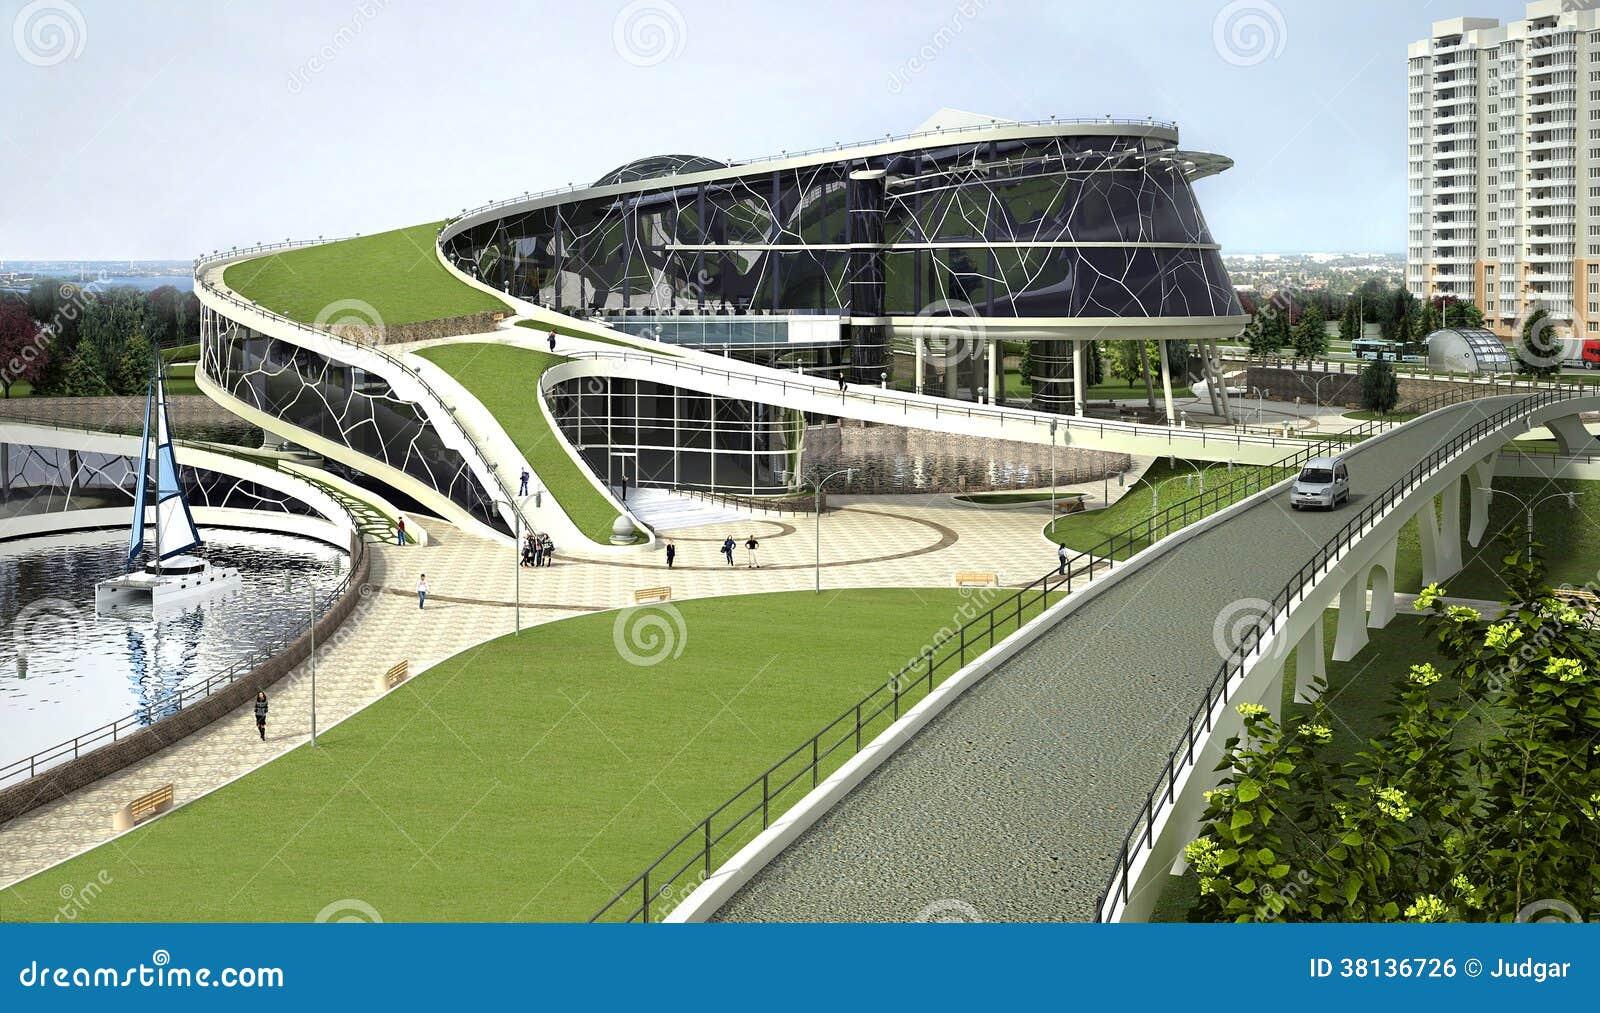 Visualização 3D da construção do eco com formulário biônico e tecnologias energia-eficientes.